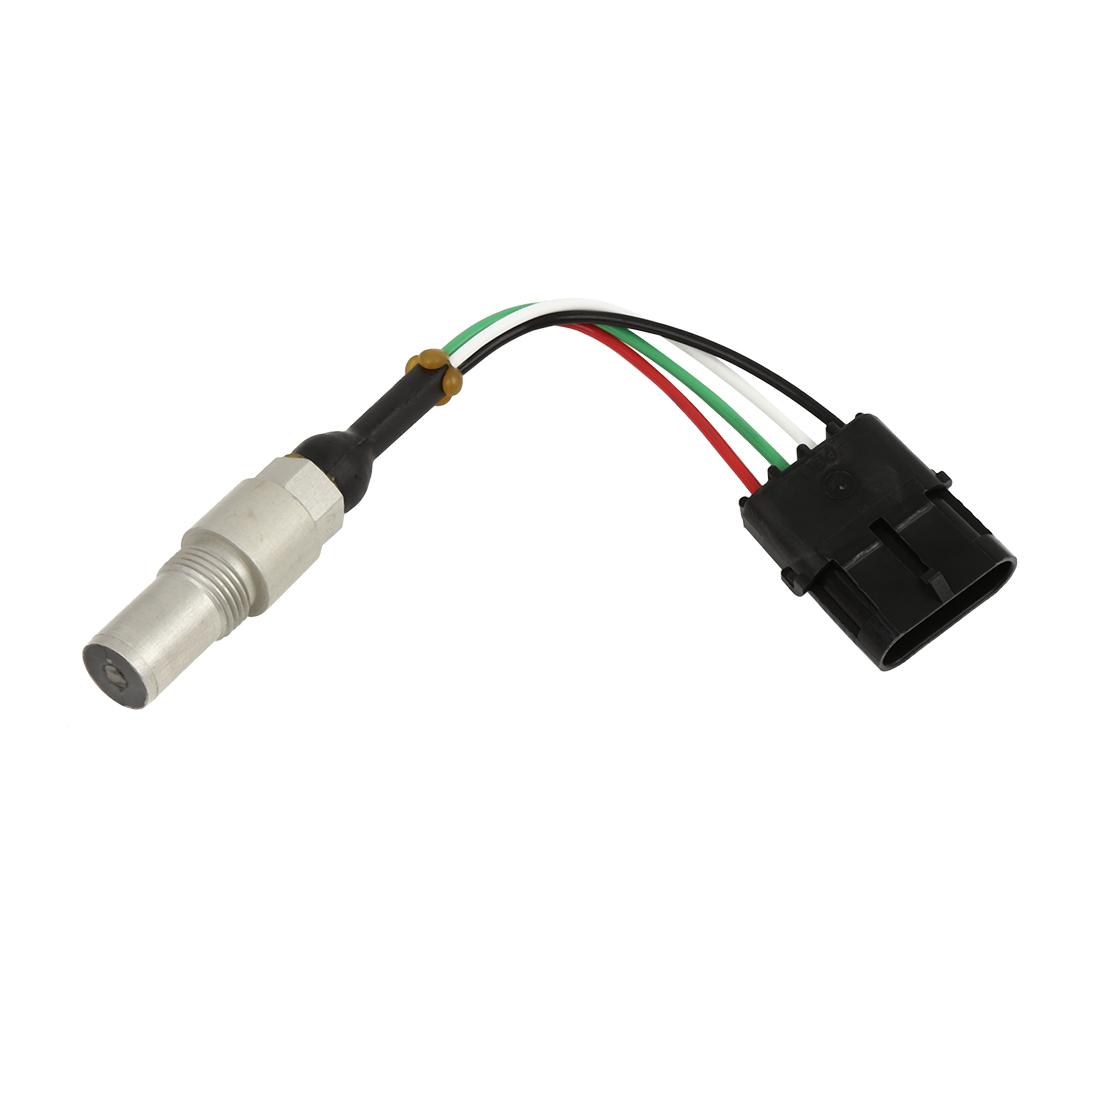 4984223 Cam Crank Camshaft Position Sensor for Cummins L10 M11 N14